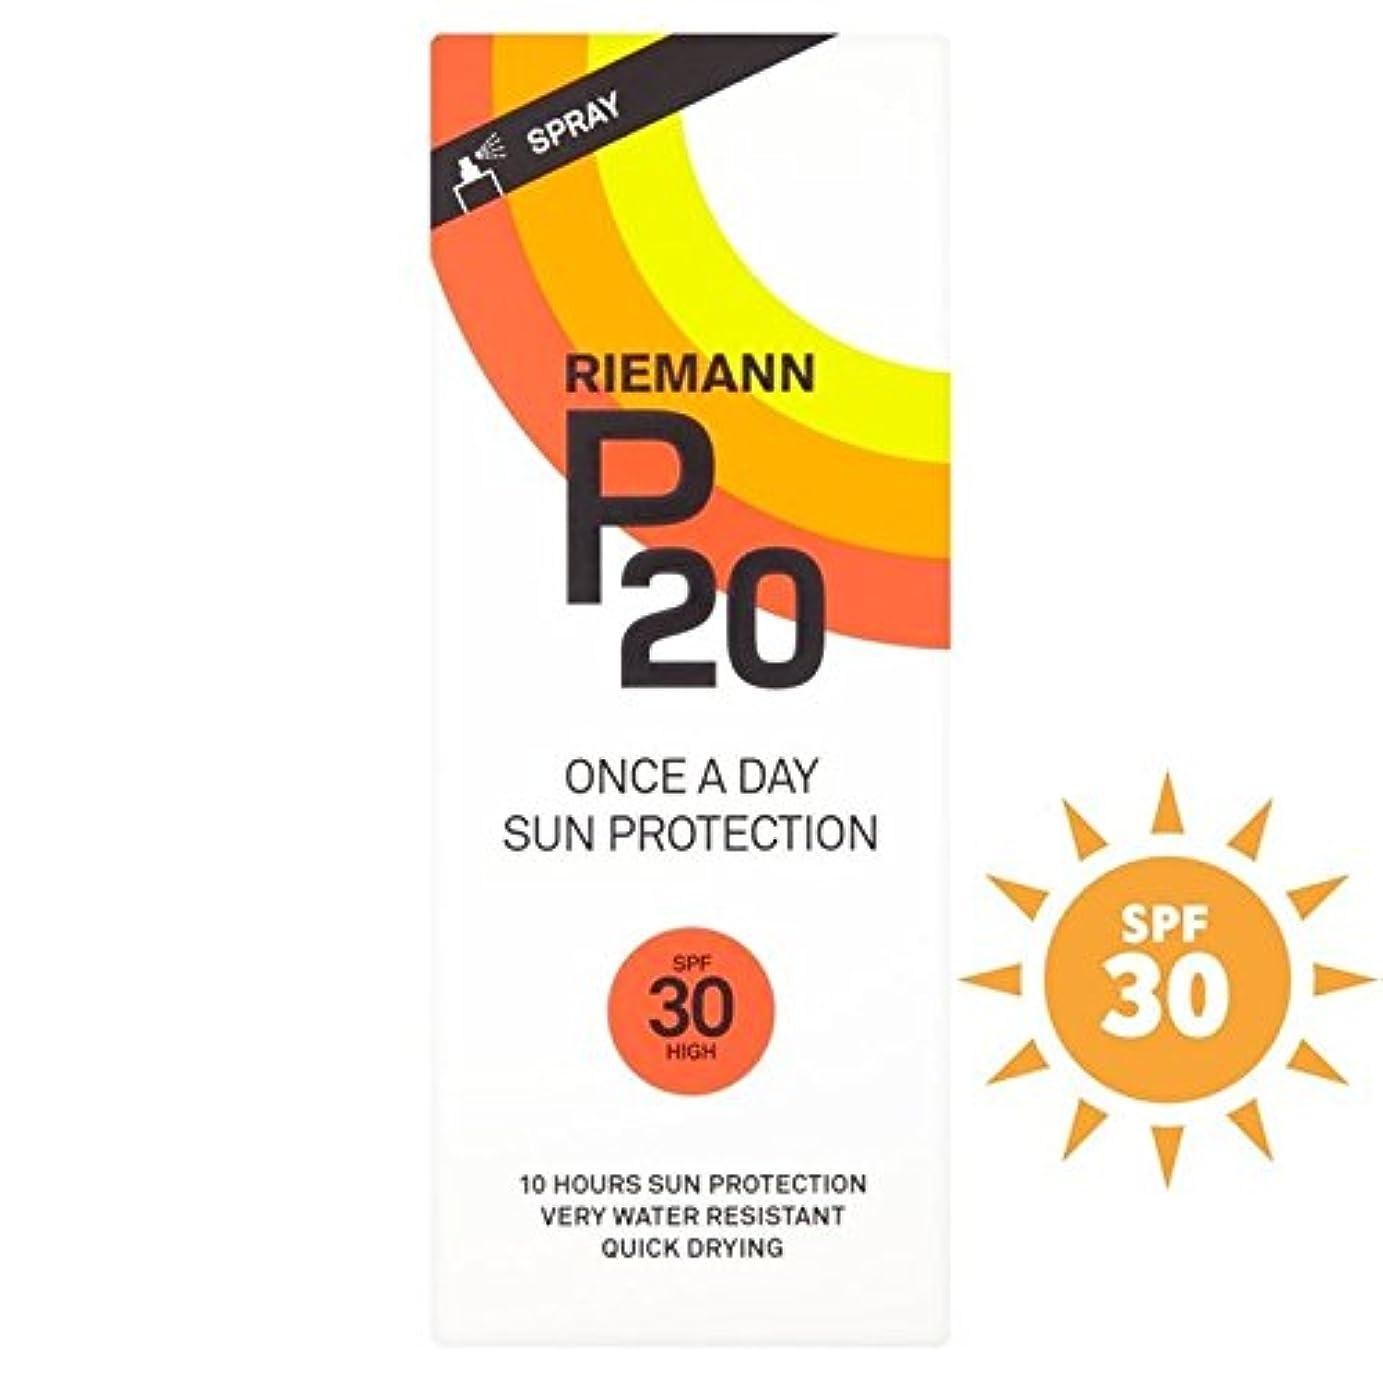 狂う長さ製造リーマン20 30 1日/ 10時間の保護200ミリリットル x2 - Riemann P20 SPF30 1 Day/10 Hour Protection 200ml (Pack of 2) [並行輸入品]